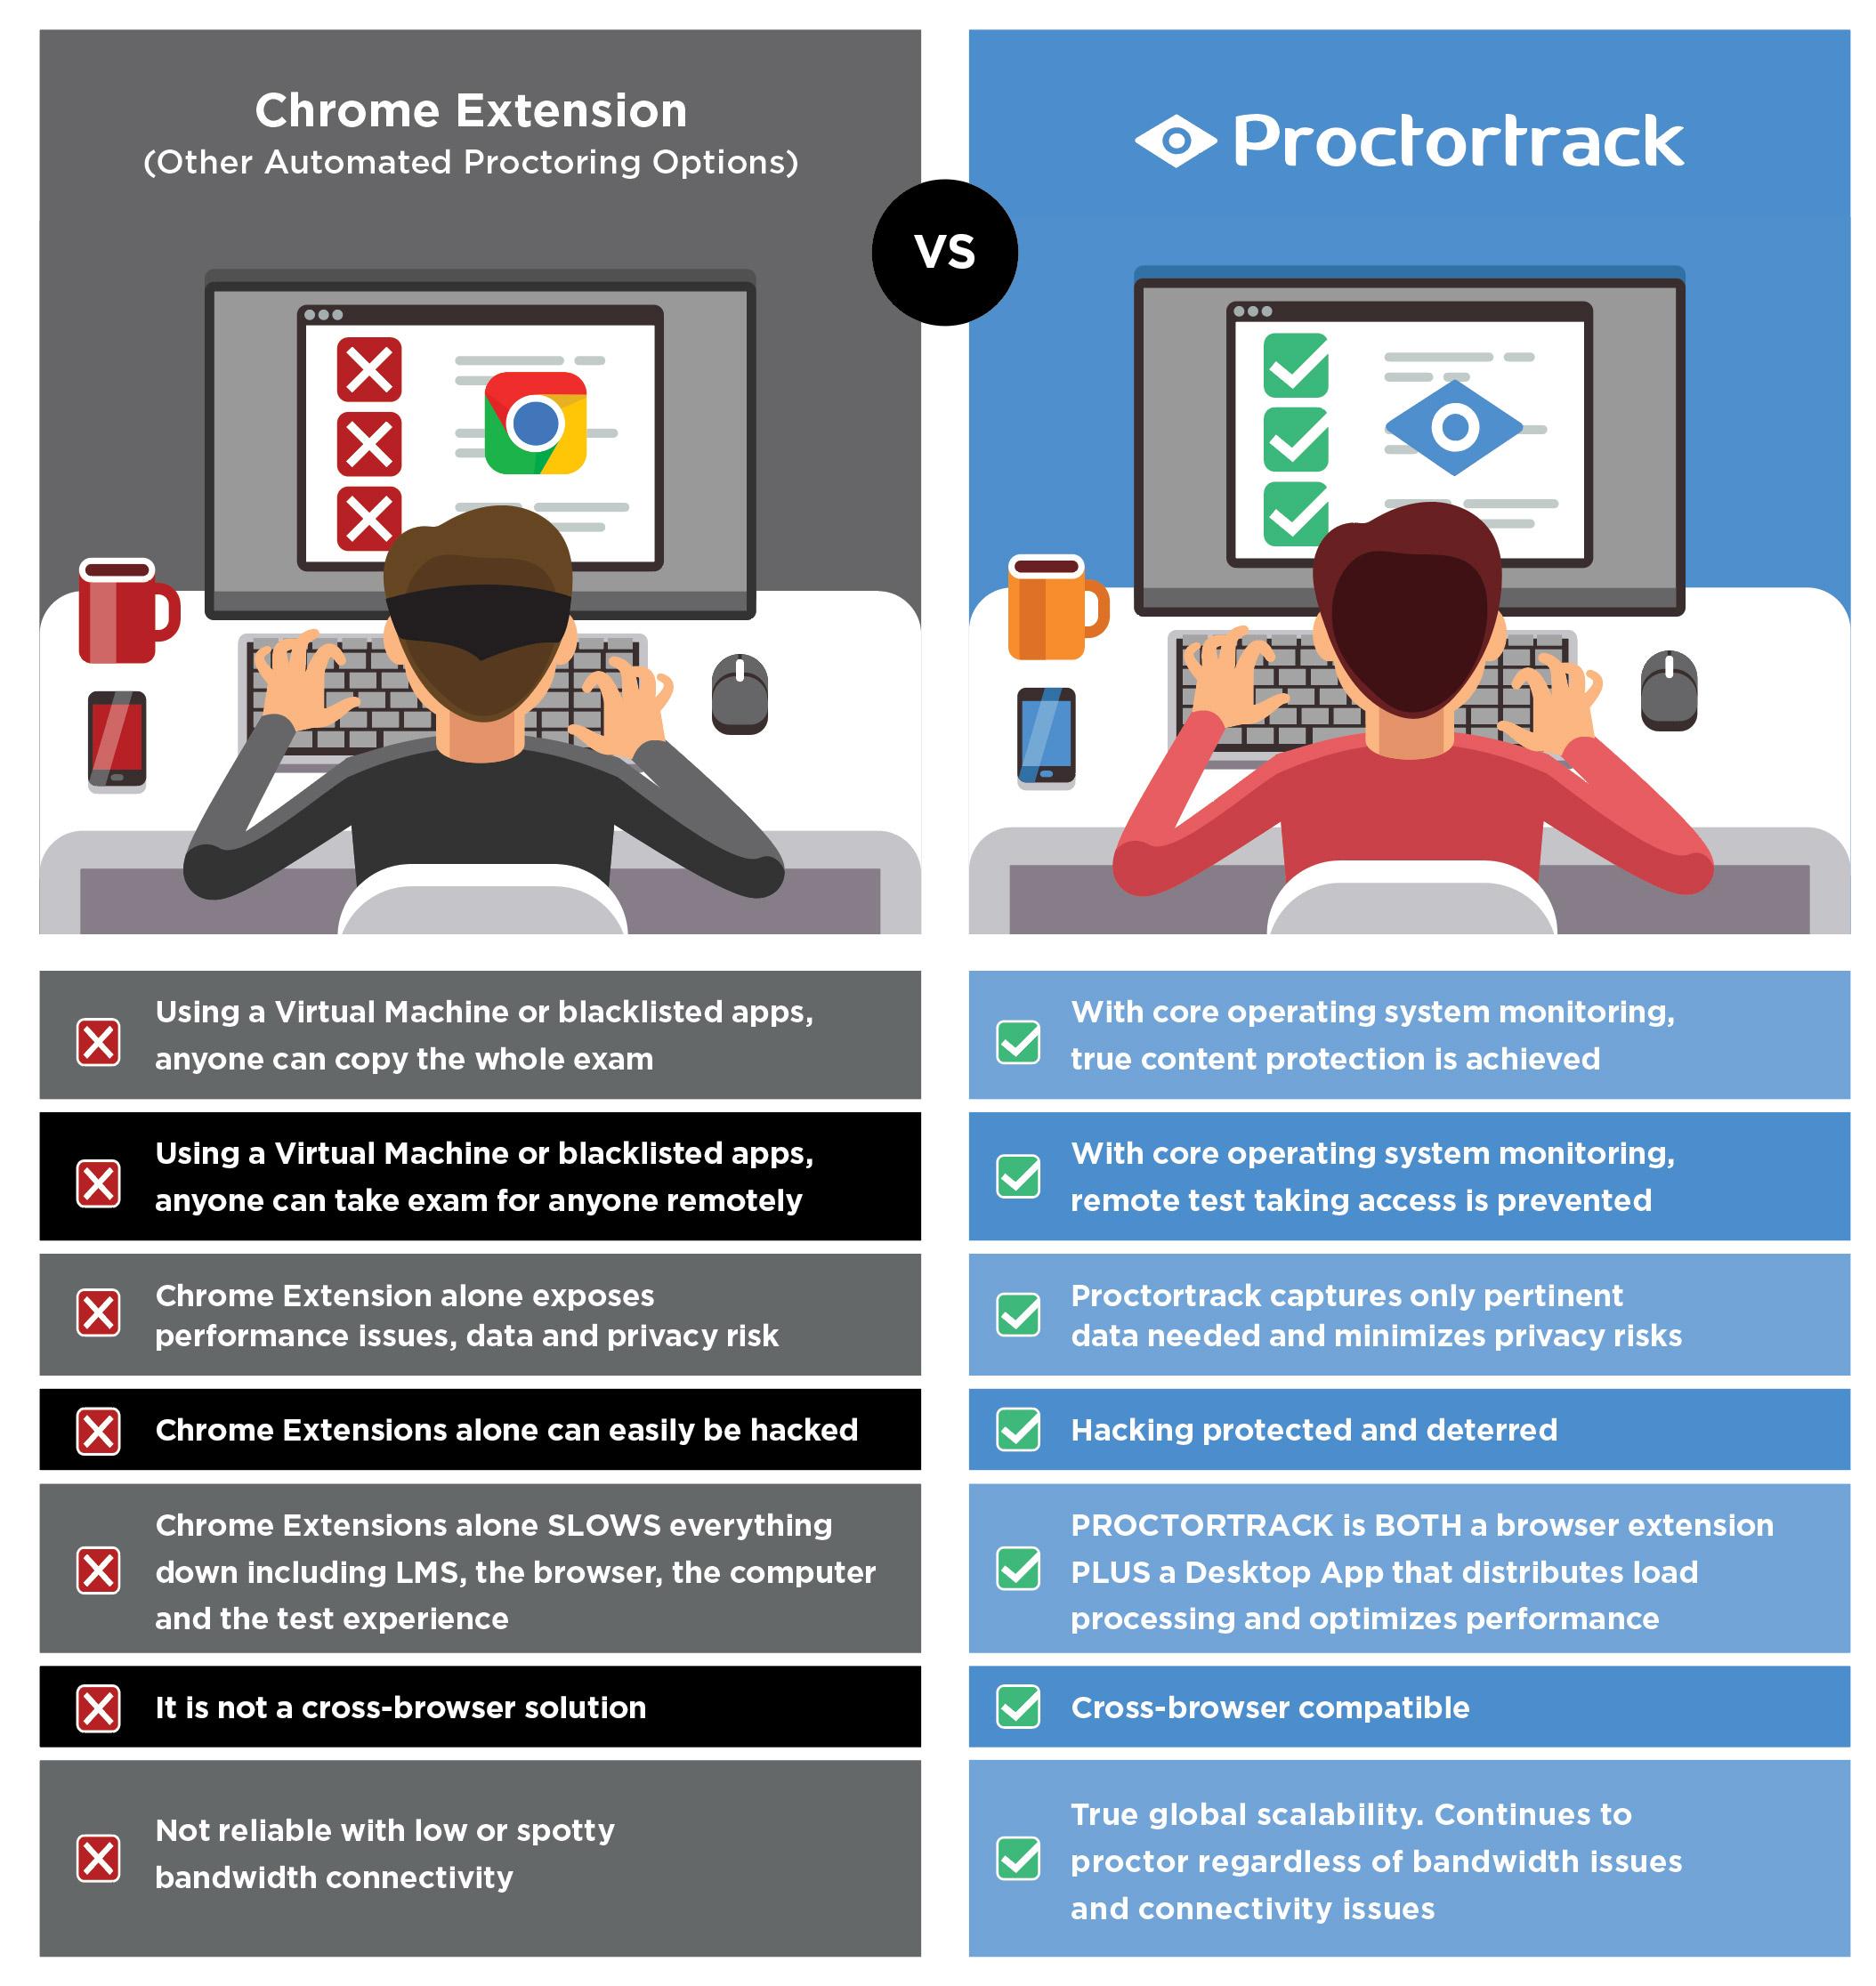 comparison chrome extension vs proctortrack